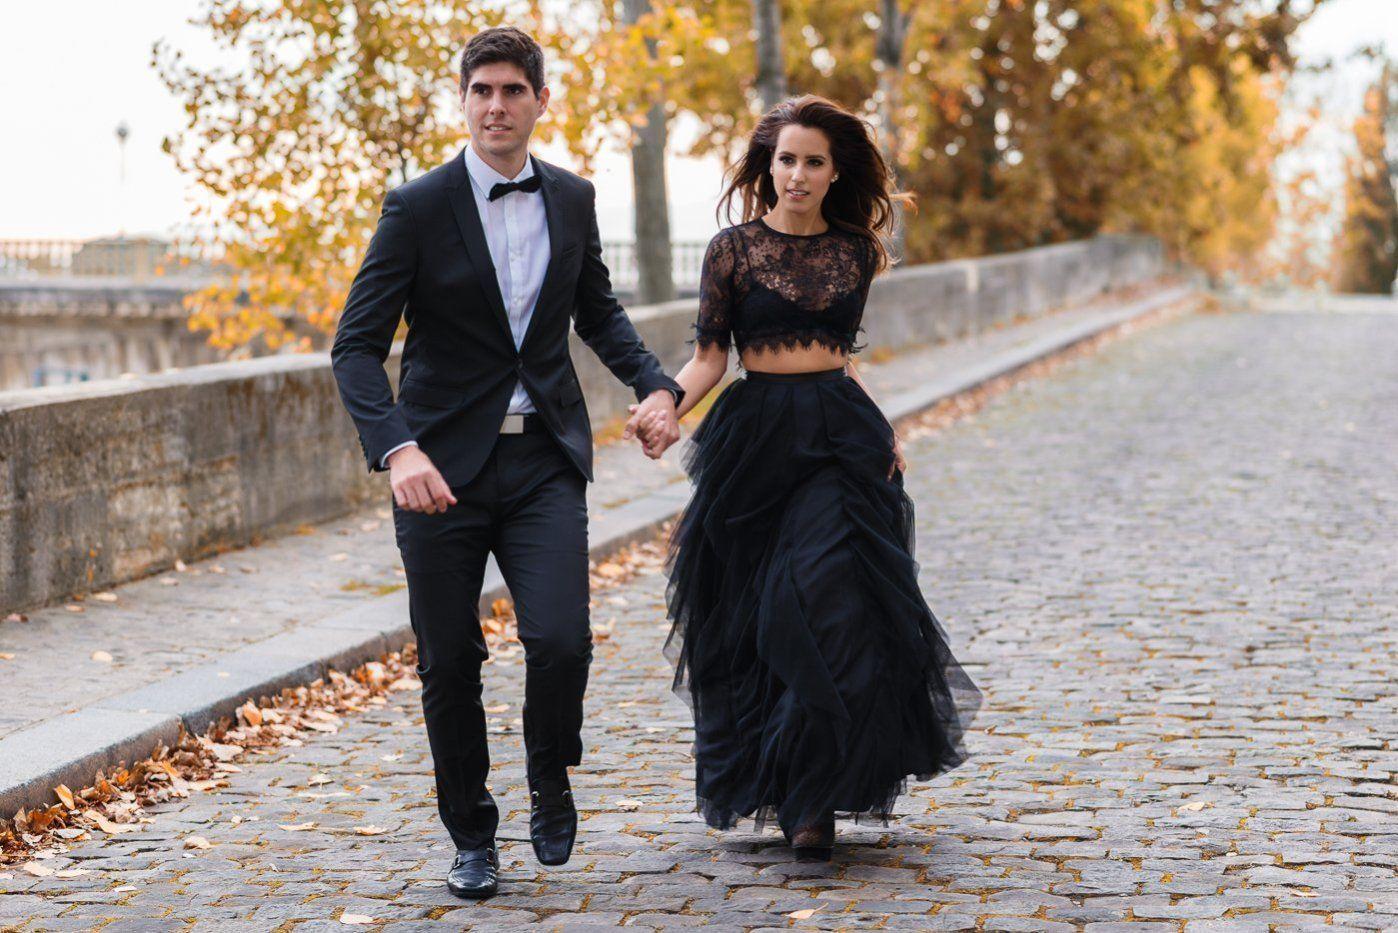 Black dress engagement photos - Miami Fashion Blogger Engagement In Paris 22